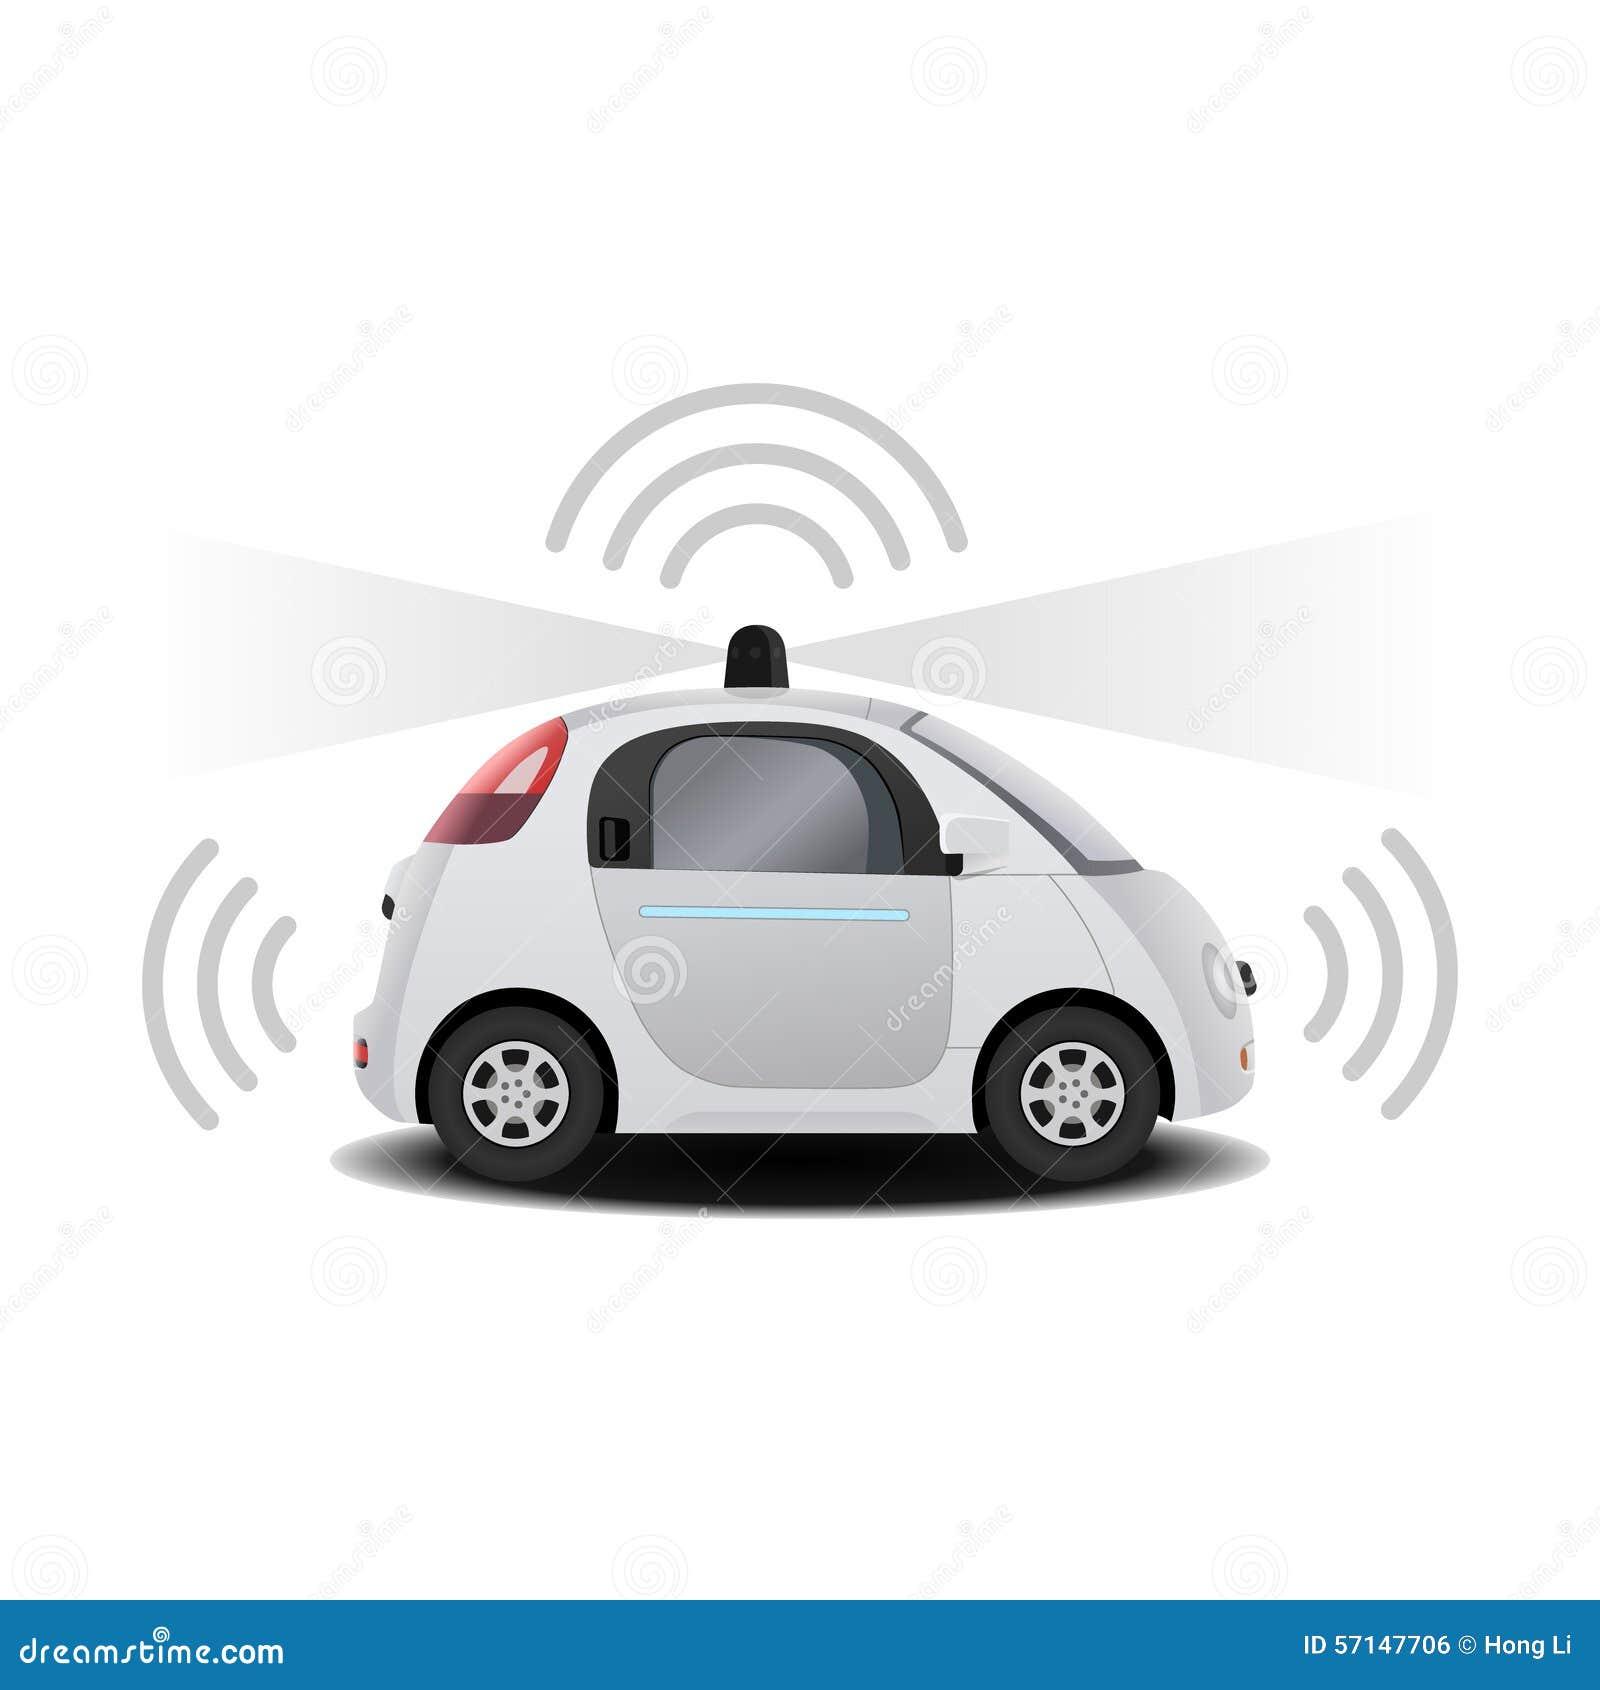 Autonomes selbst-treibendes (Antrieb) driverless Fahrzeug mit Radar 3D übertragen